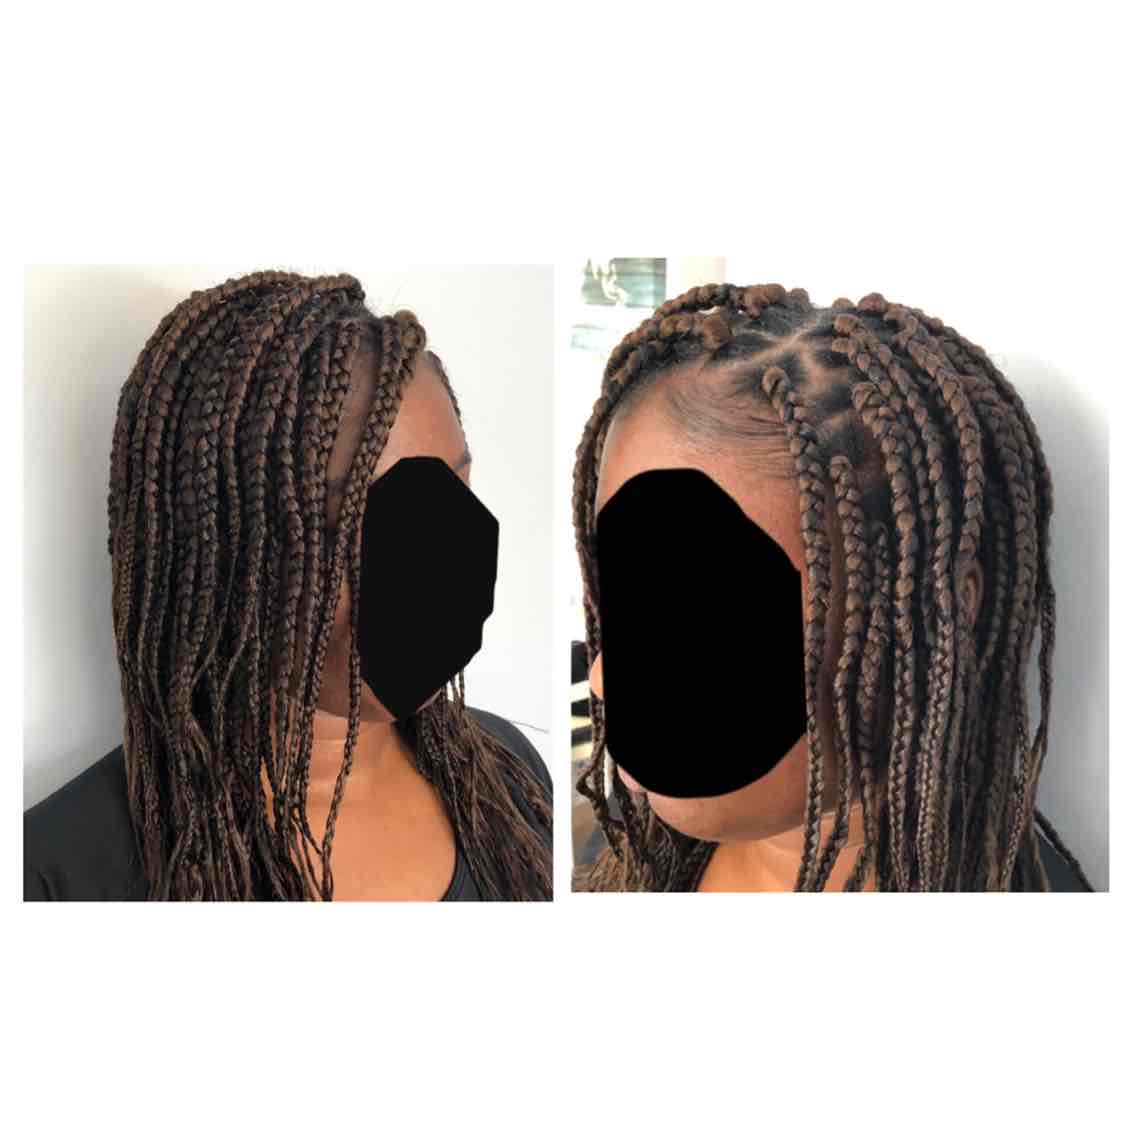 salon de coiffure afro tresse tresses box braids crochet braids vanilles tissages paris 75 77 78 91 92 93 94 95 VRNBQOKS